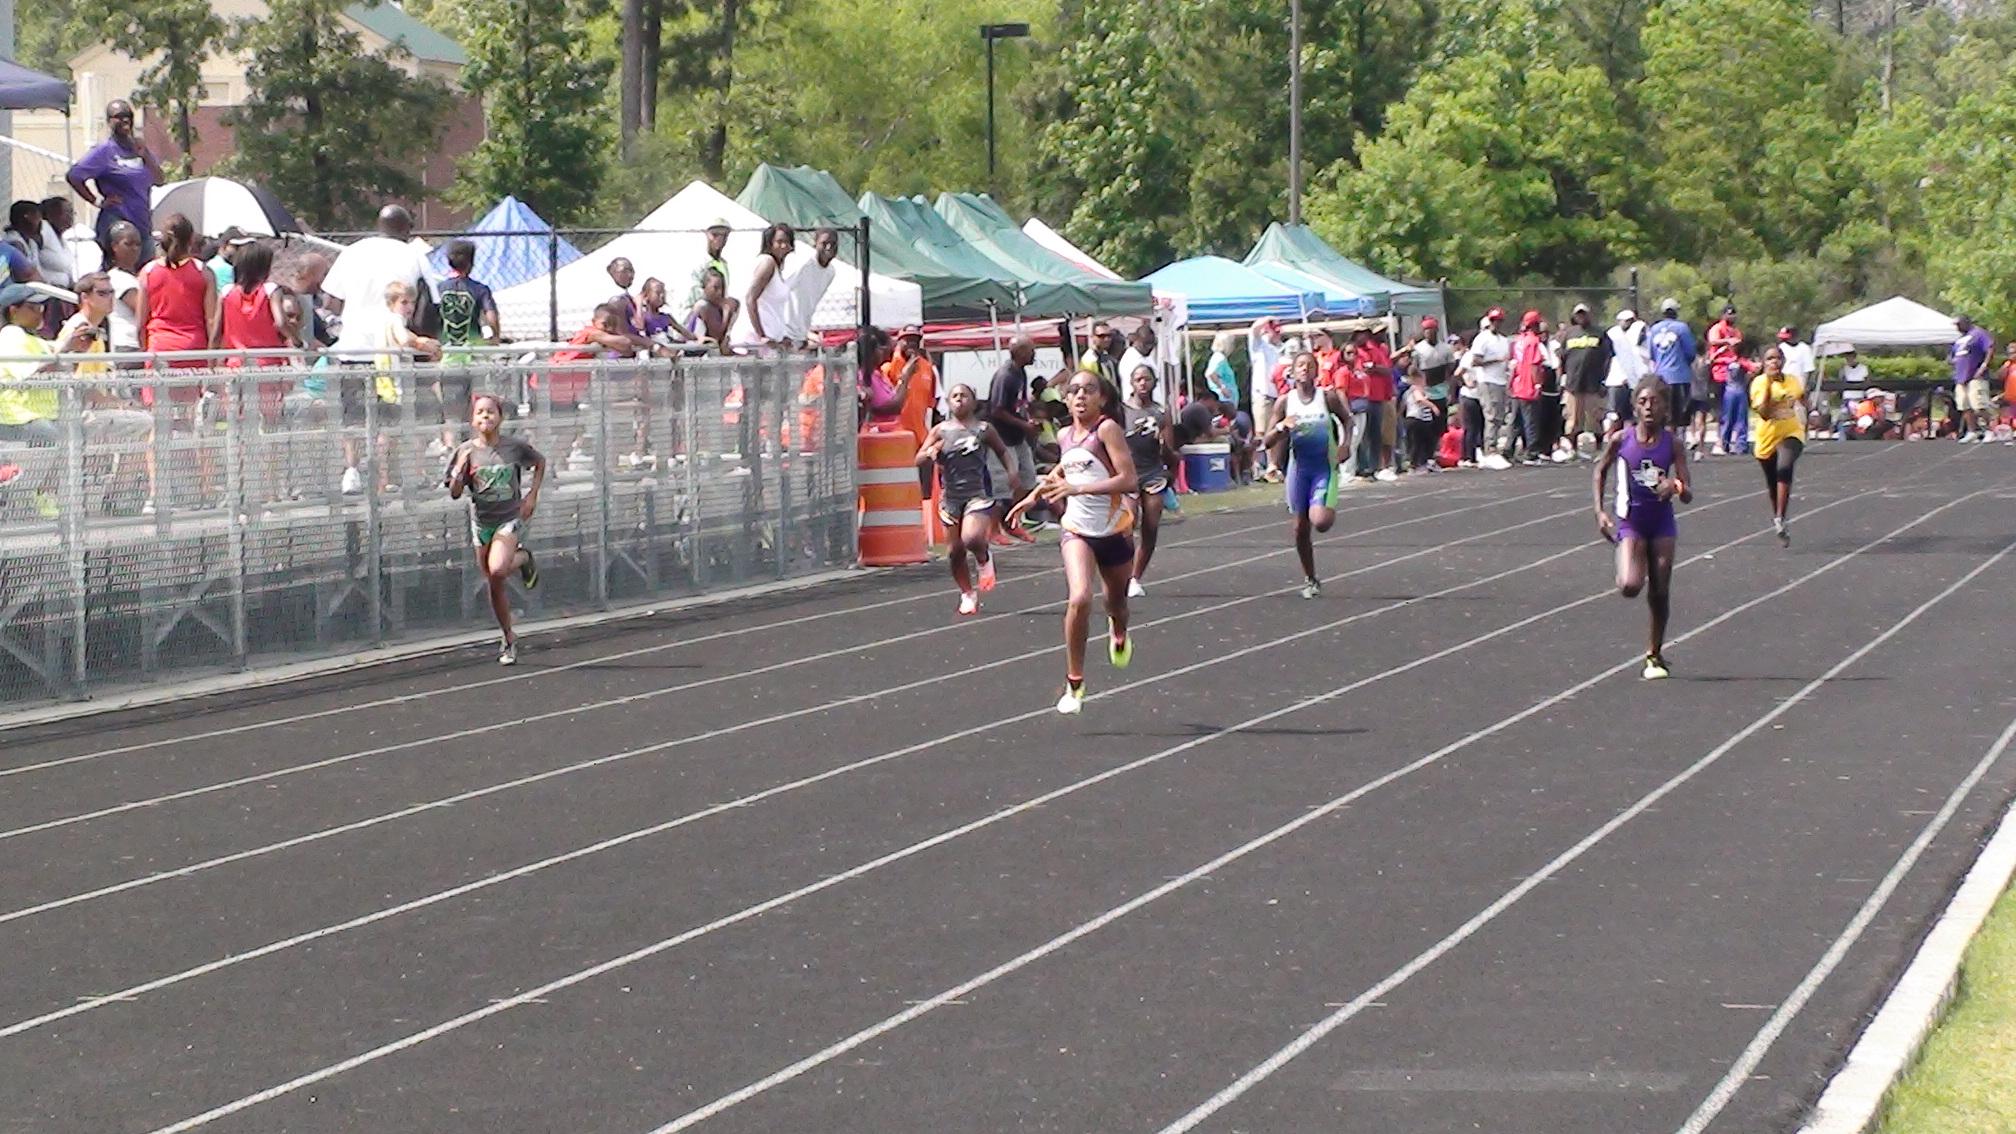 Nylah running the 200m